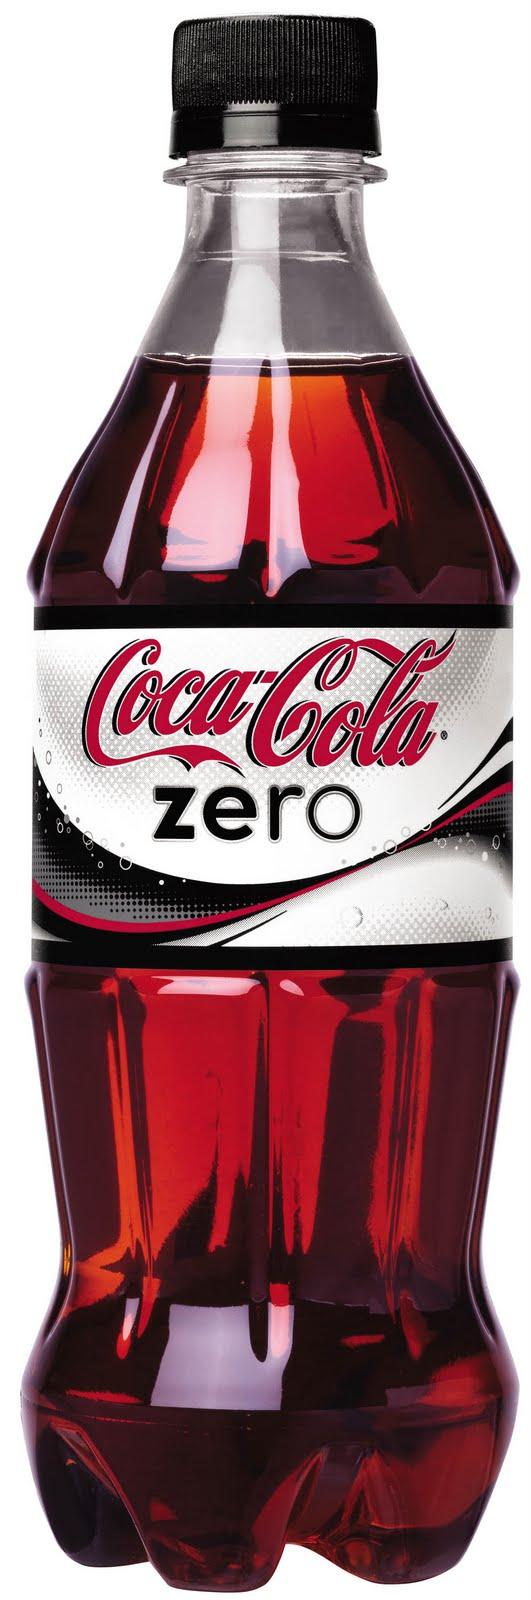 Liste von Cola-Marken